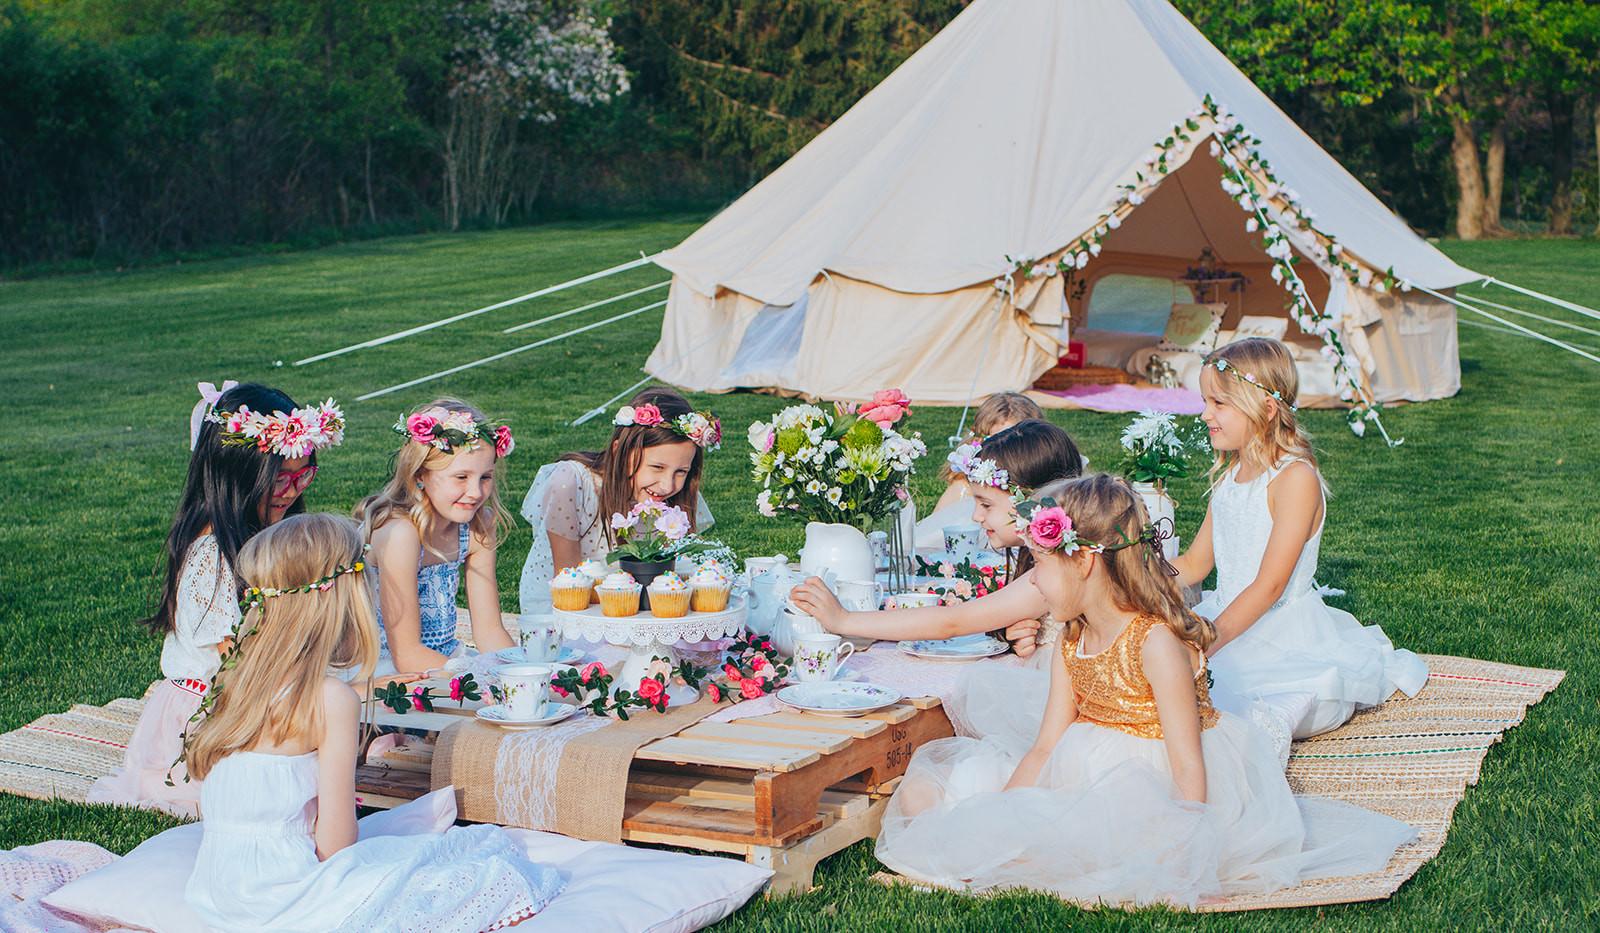 girls-picnic-table.jpg